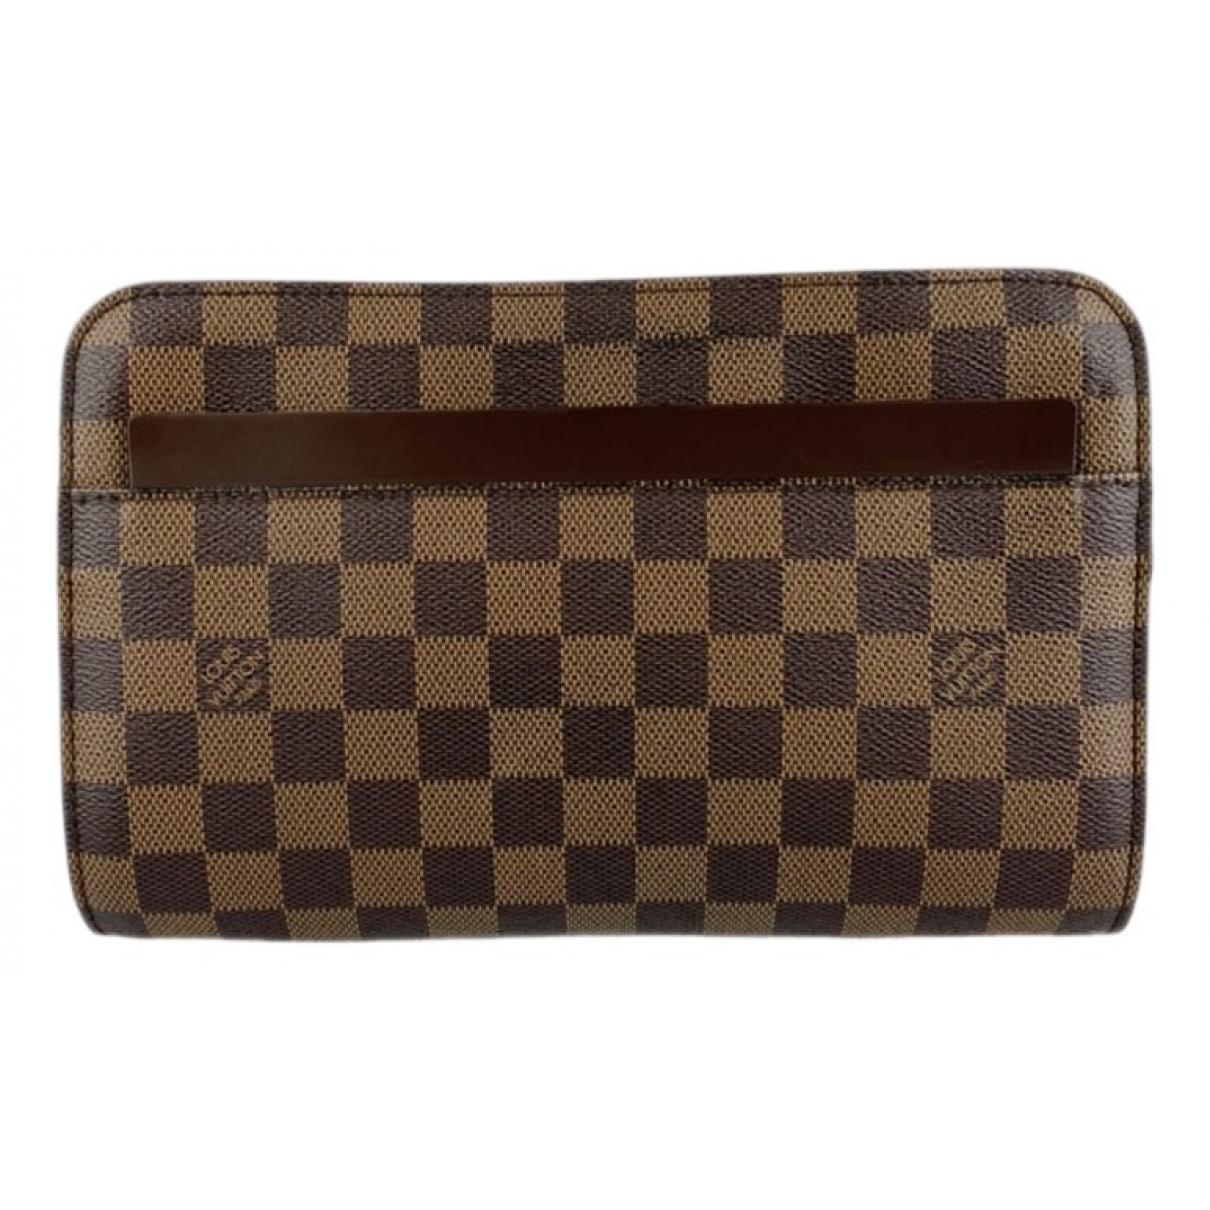 Louis Vuitton - Sac   pour homme en toile - marron